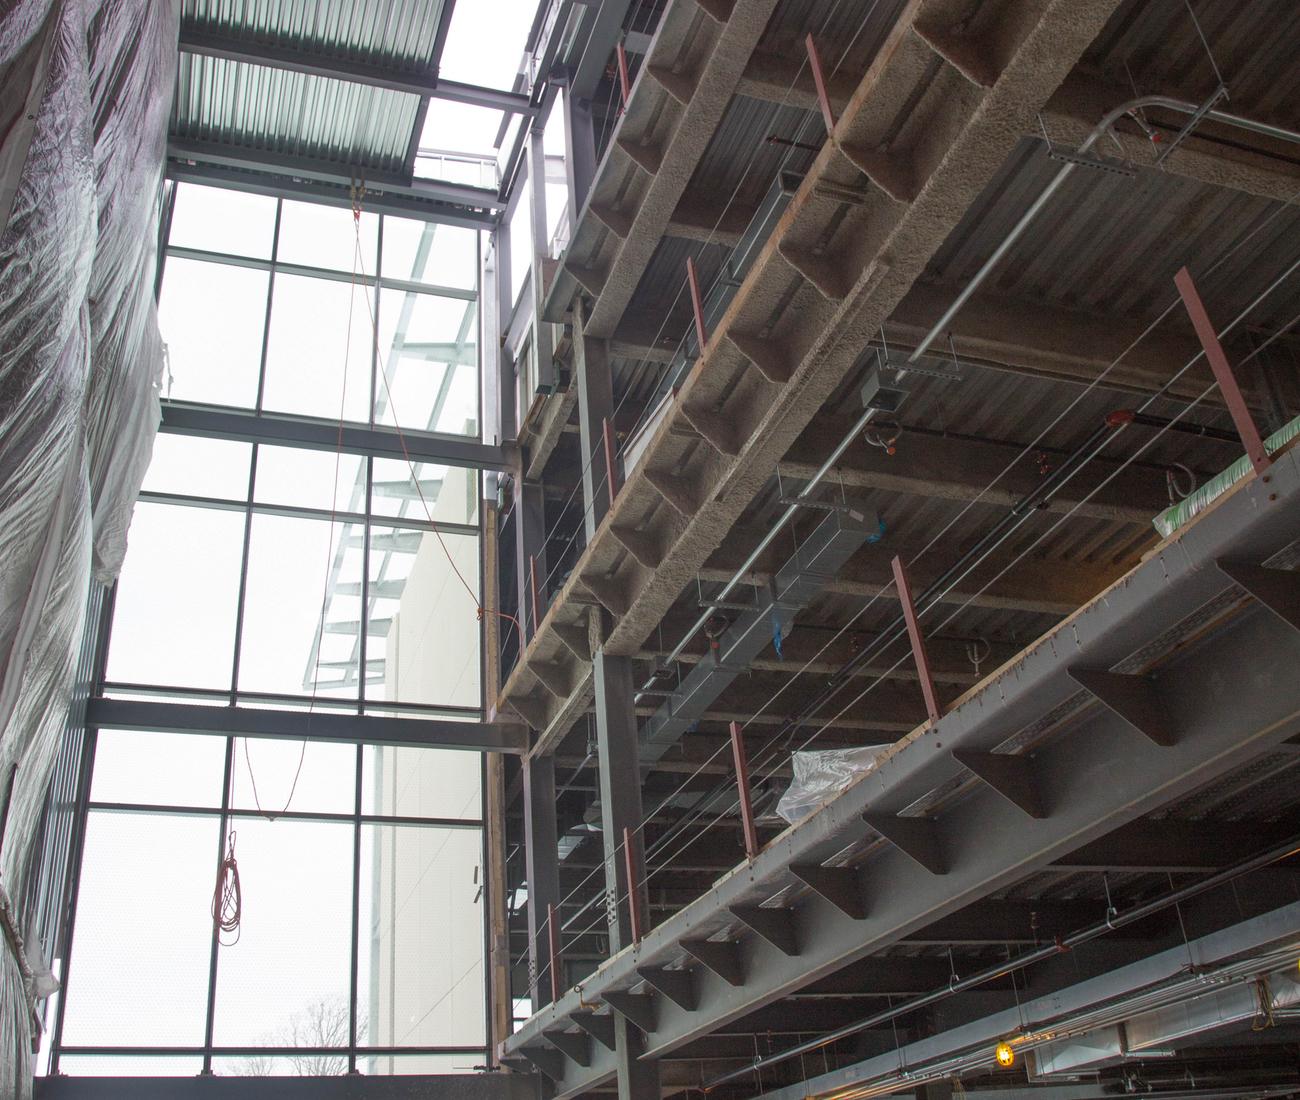 The atrium at Mohawk College's Joyce Centre in Hamilton